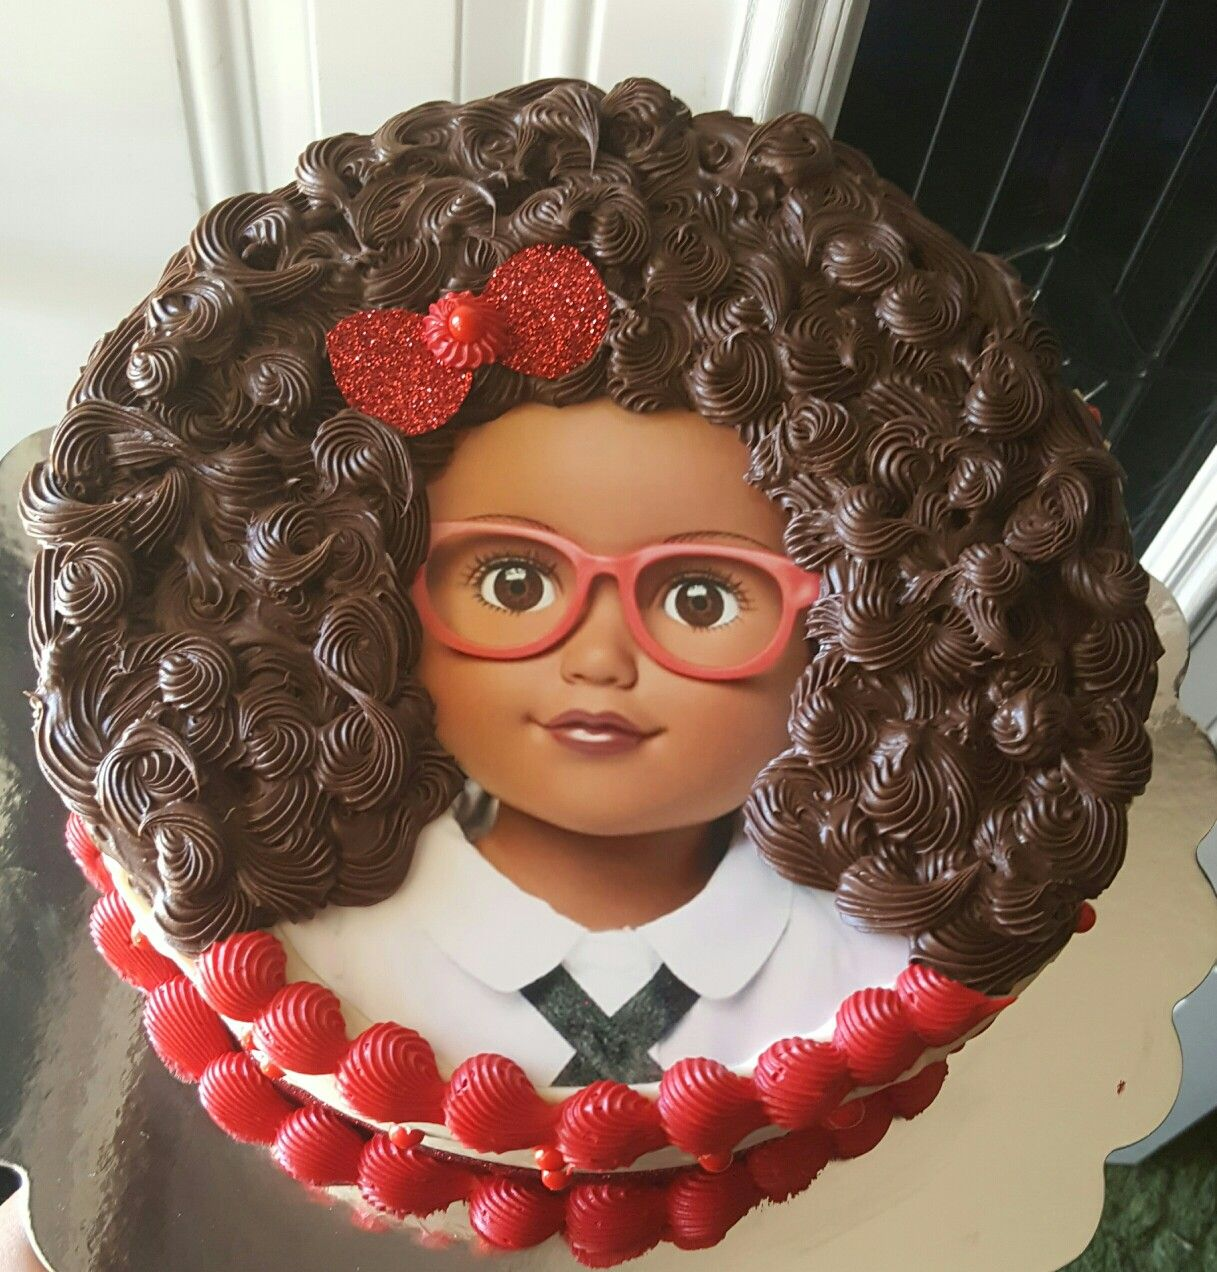 I always wanted to make a cake like thisand i finally